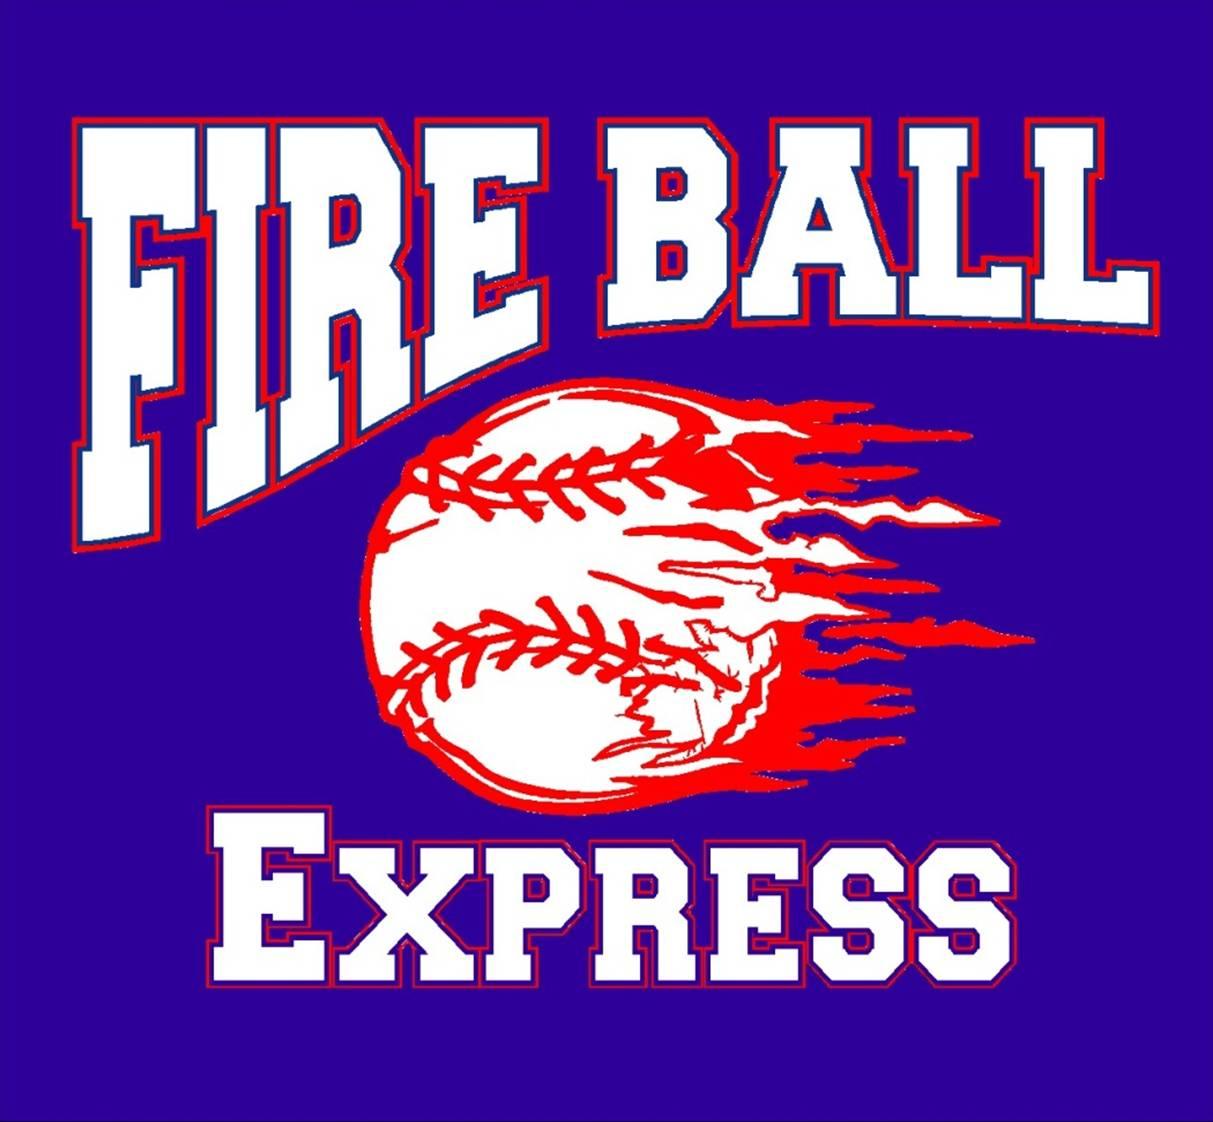 FIREBALL EXPRESS -- MESQUITE, TXN